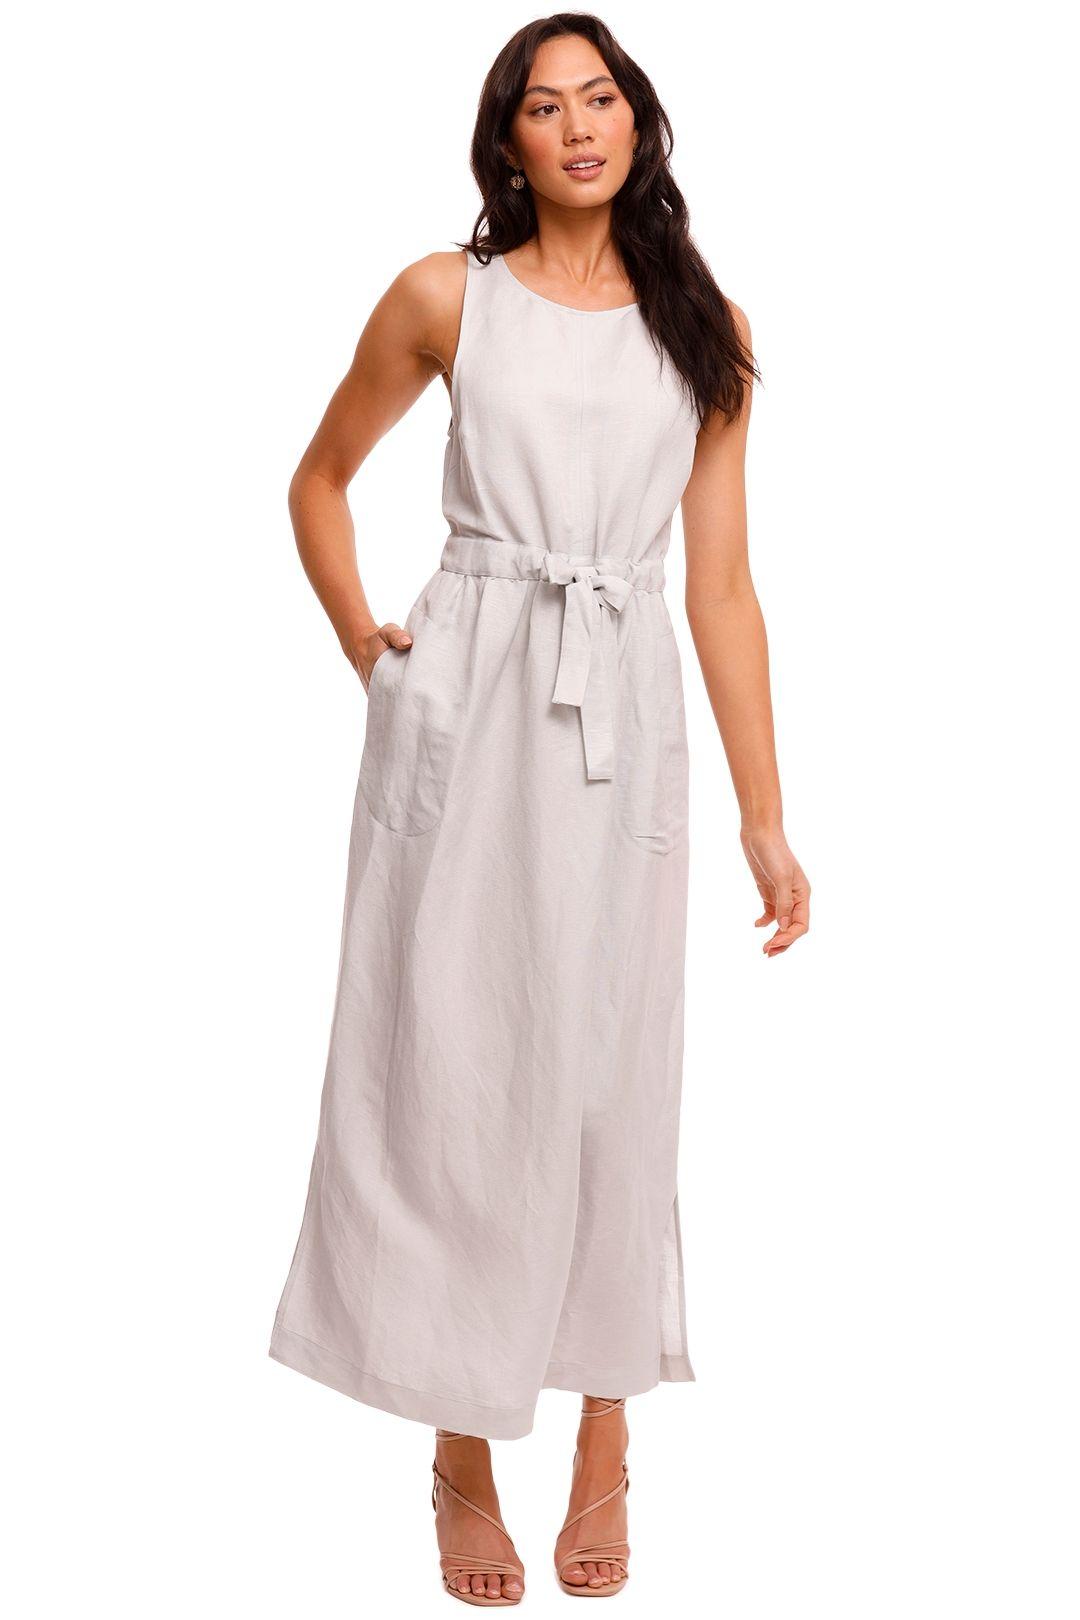 Elka Collective Torrent Dress maxi